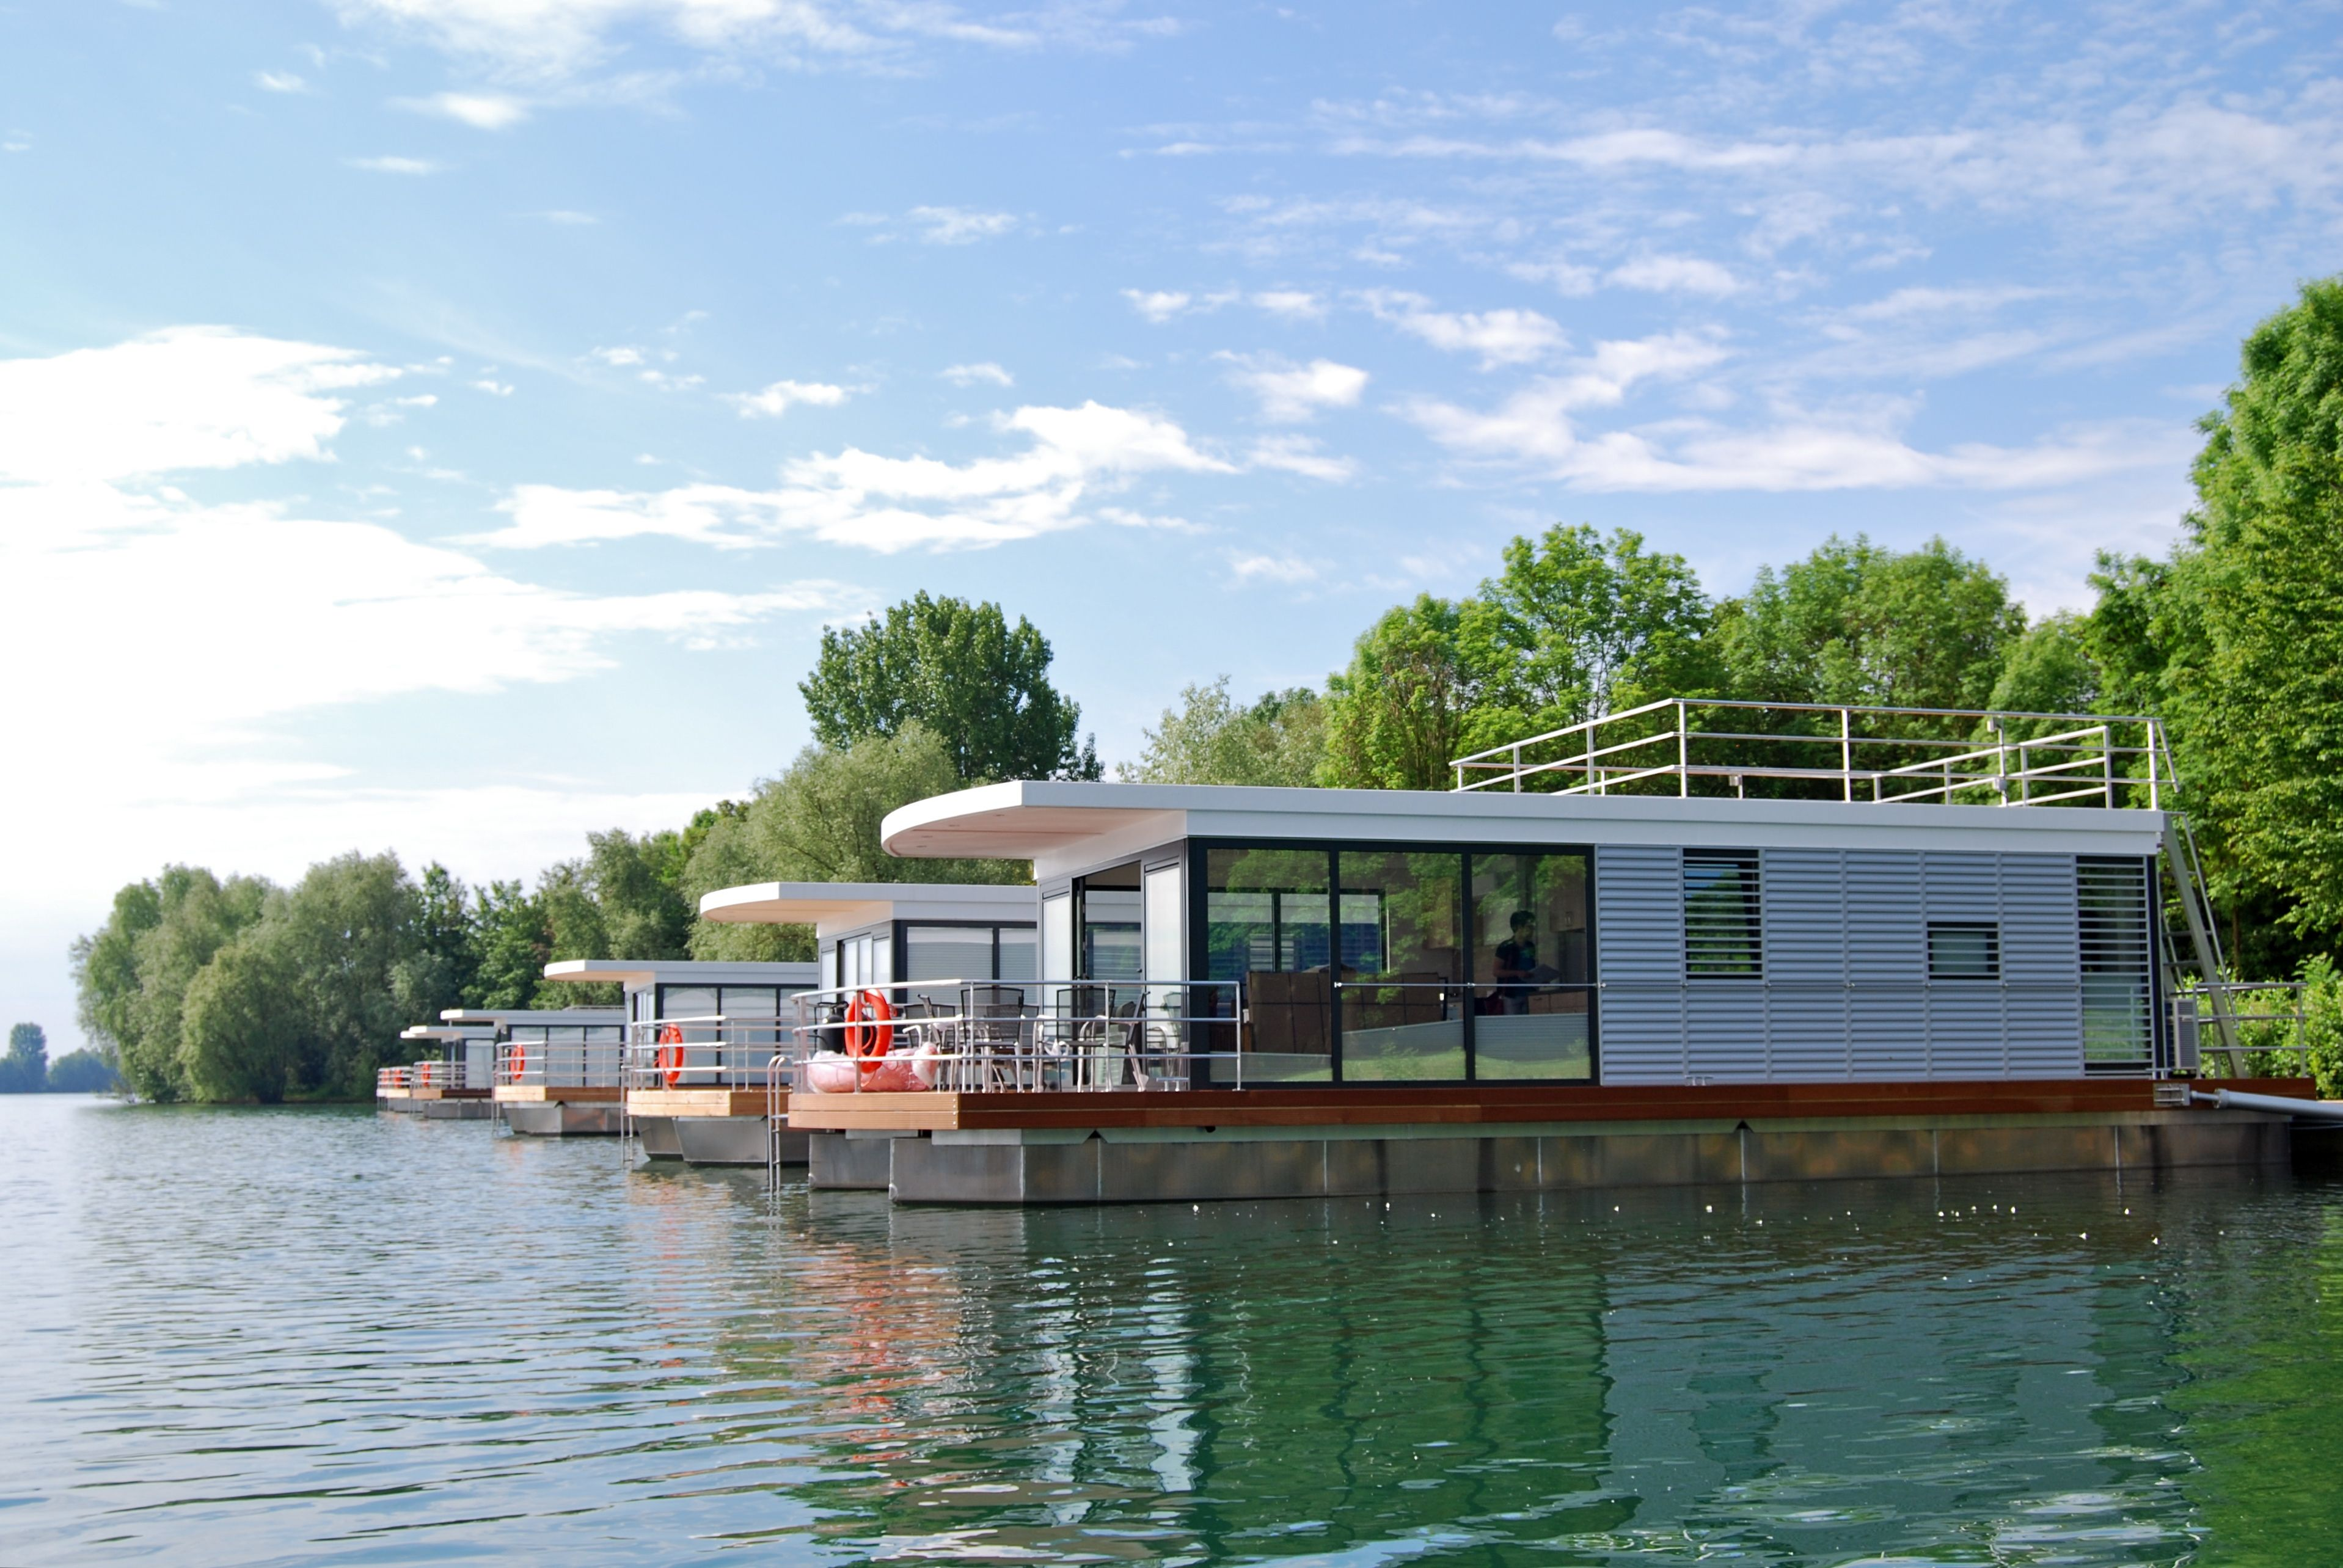 Hausboot Am Rhein Mieten Unsere Hausboote Vom Typ Floating 44